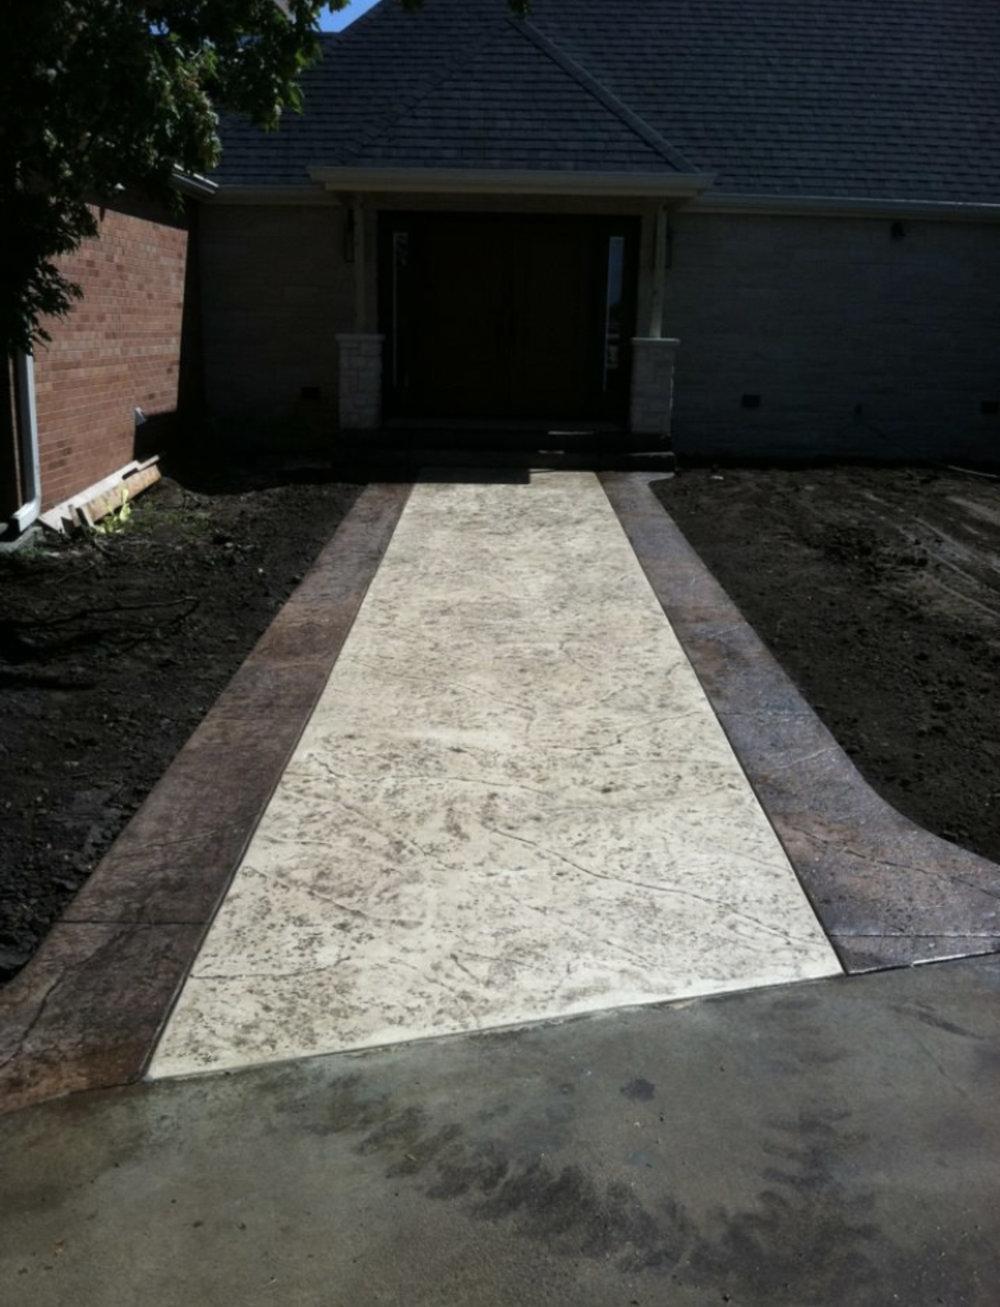 Brickform HD color hardner, Brickform antique release, and Brickform rough stone texture mats